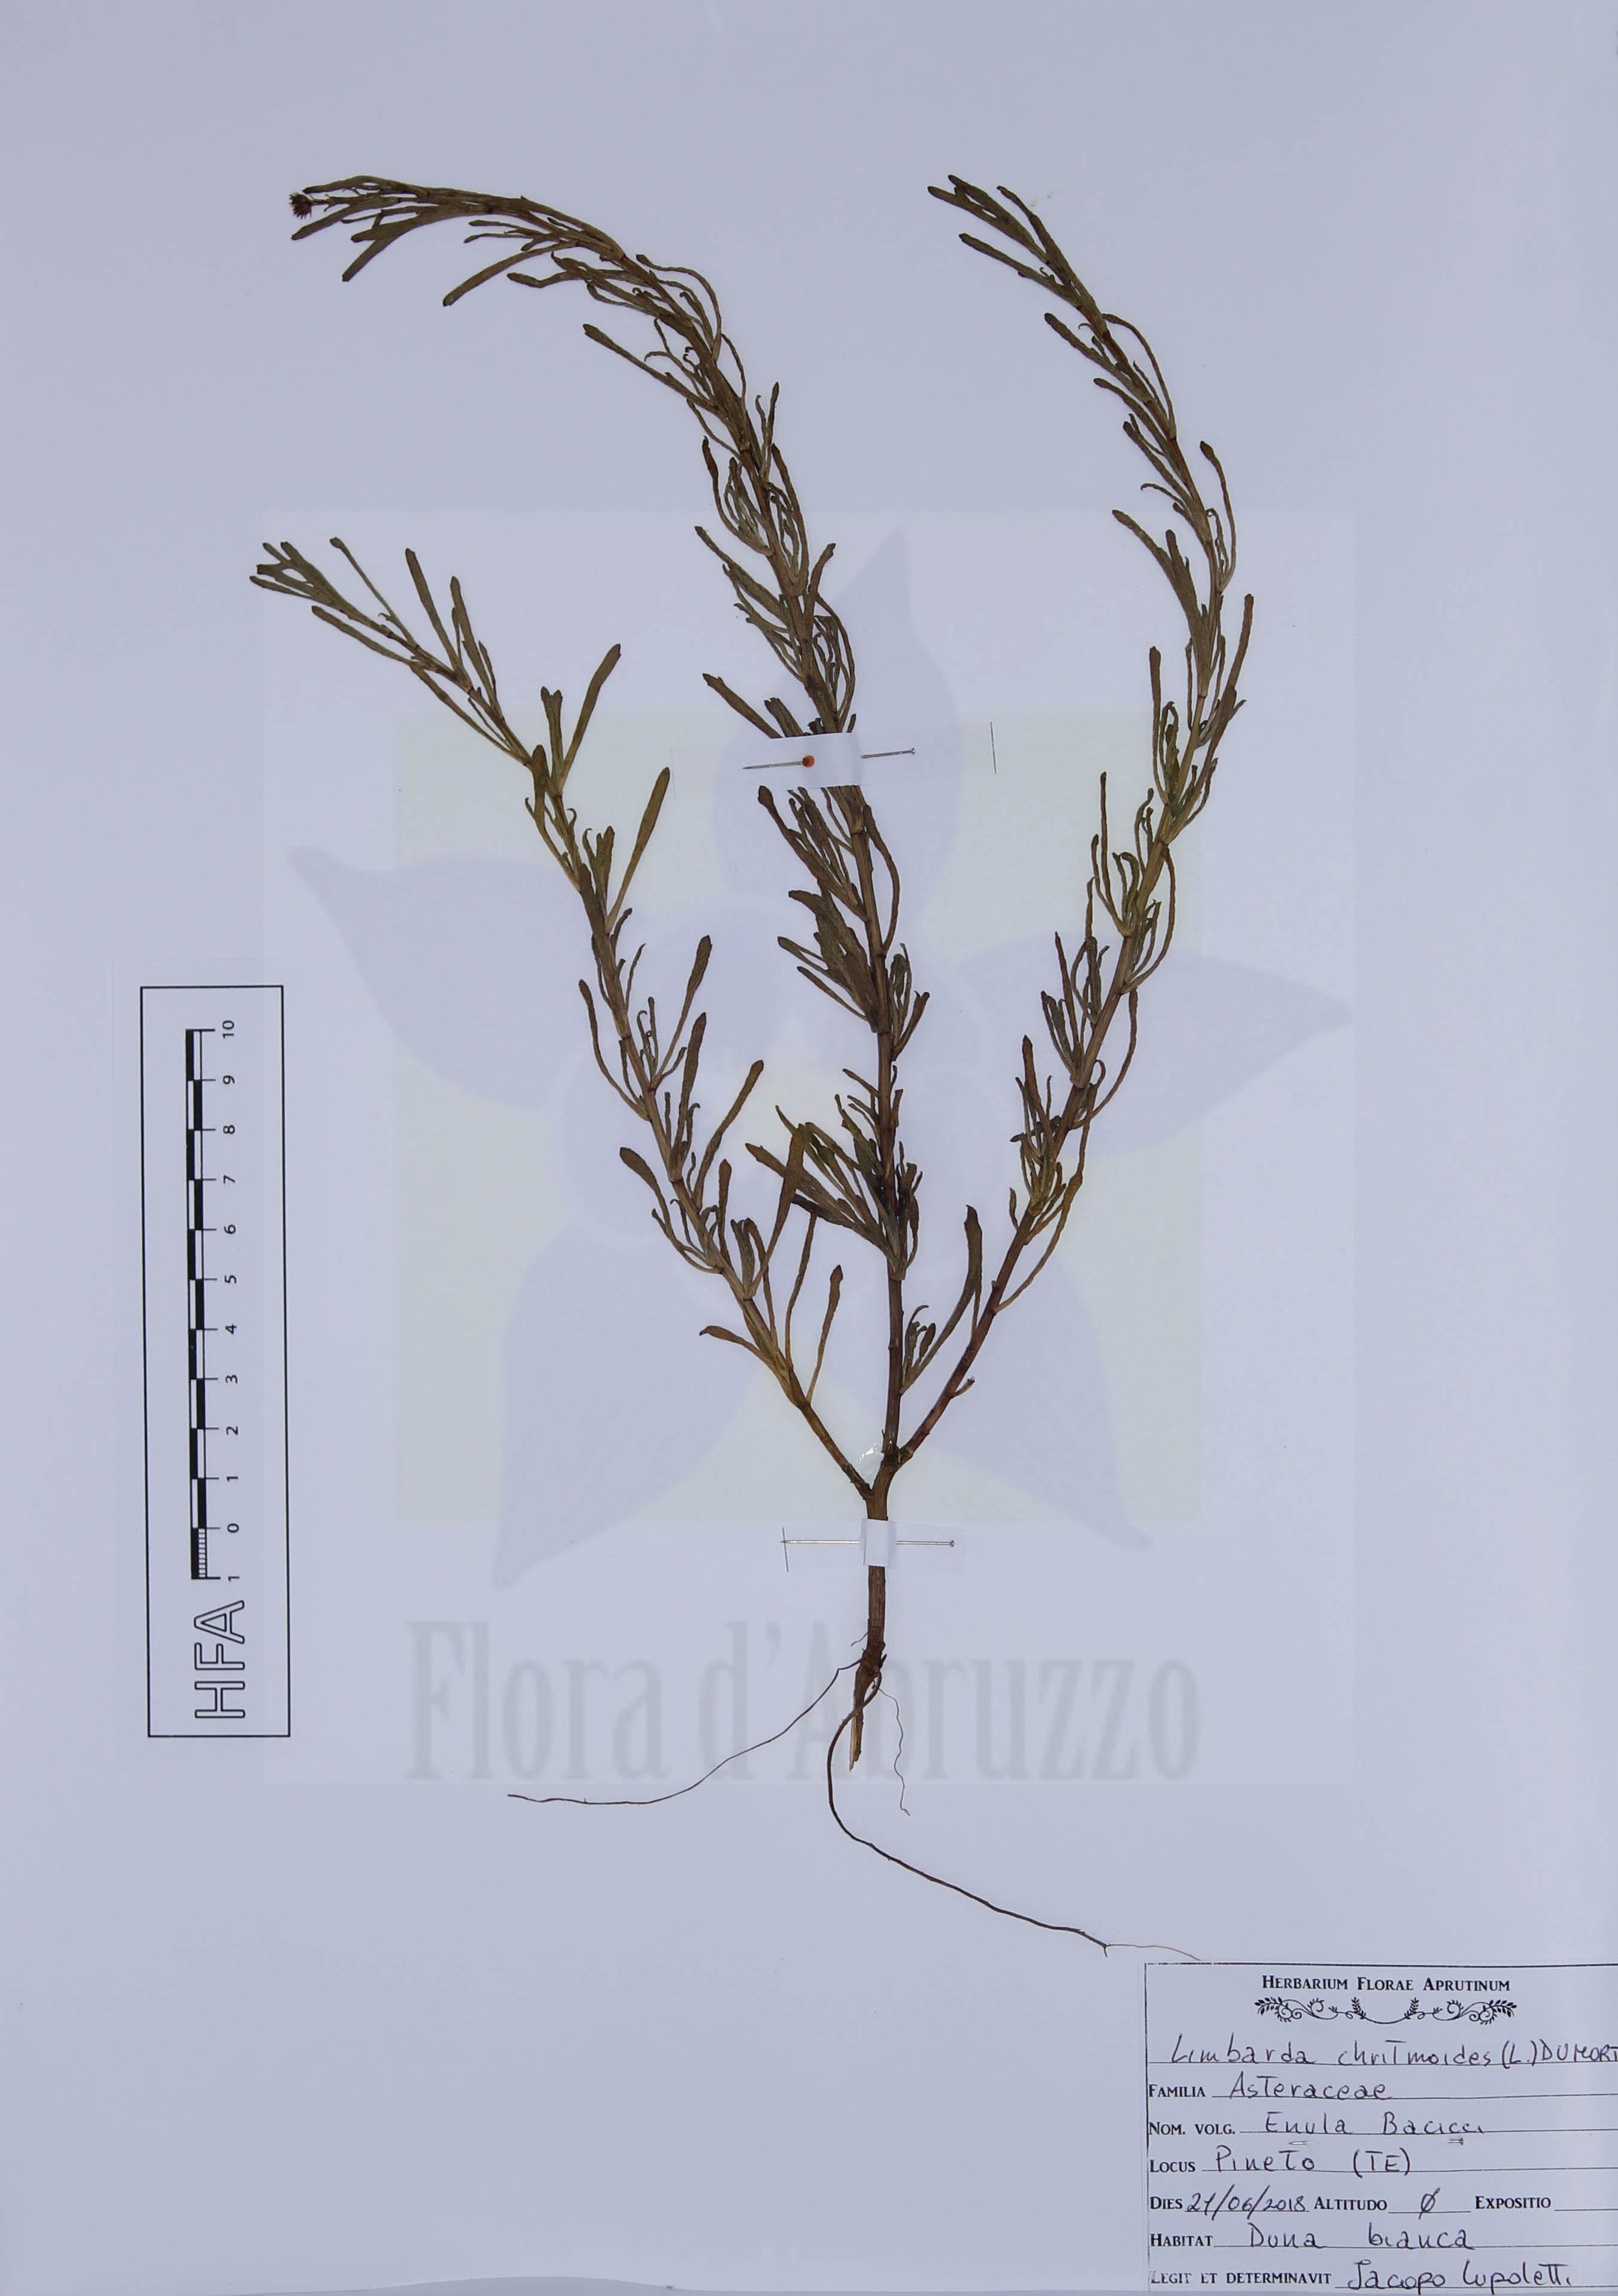 Limbarda chritmoides (L.) Dumort